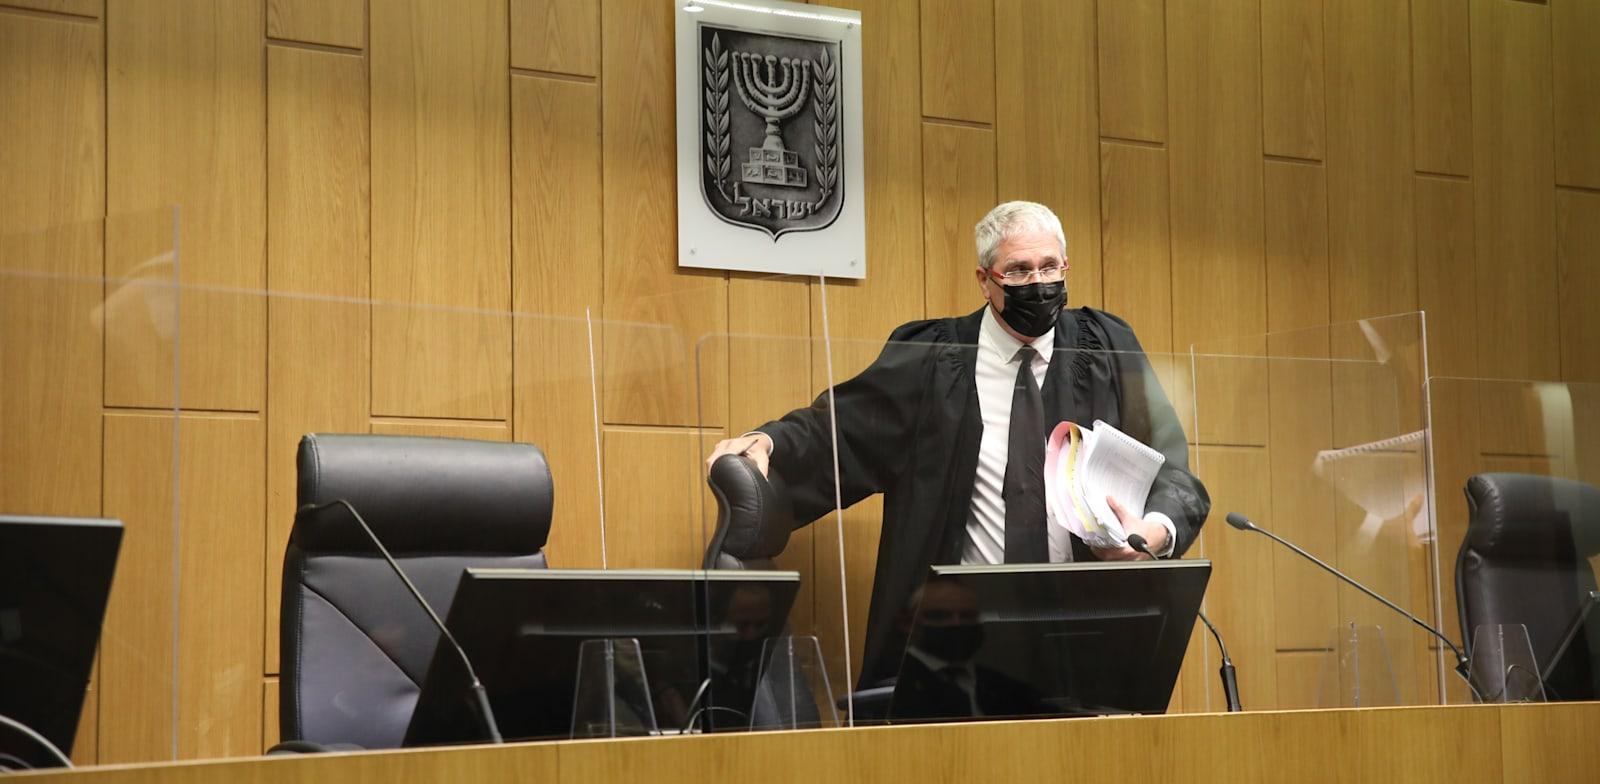 השופט חגי ברנר, מתוך הדיון בפרשת מיכאל (מייק) בן ארי / צילום: כדיה לוי